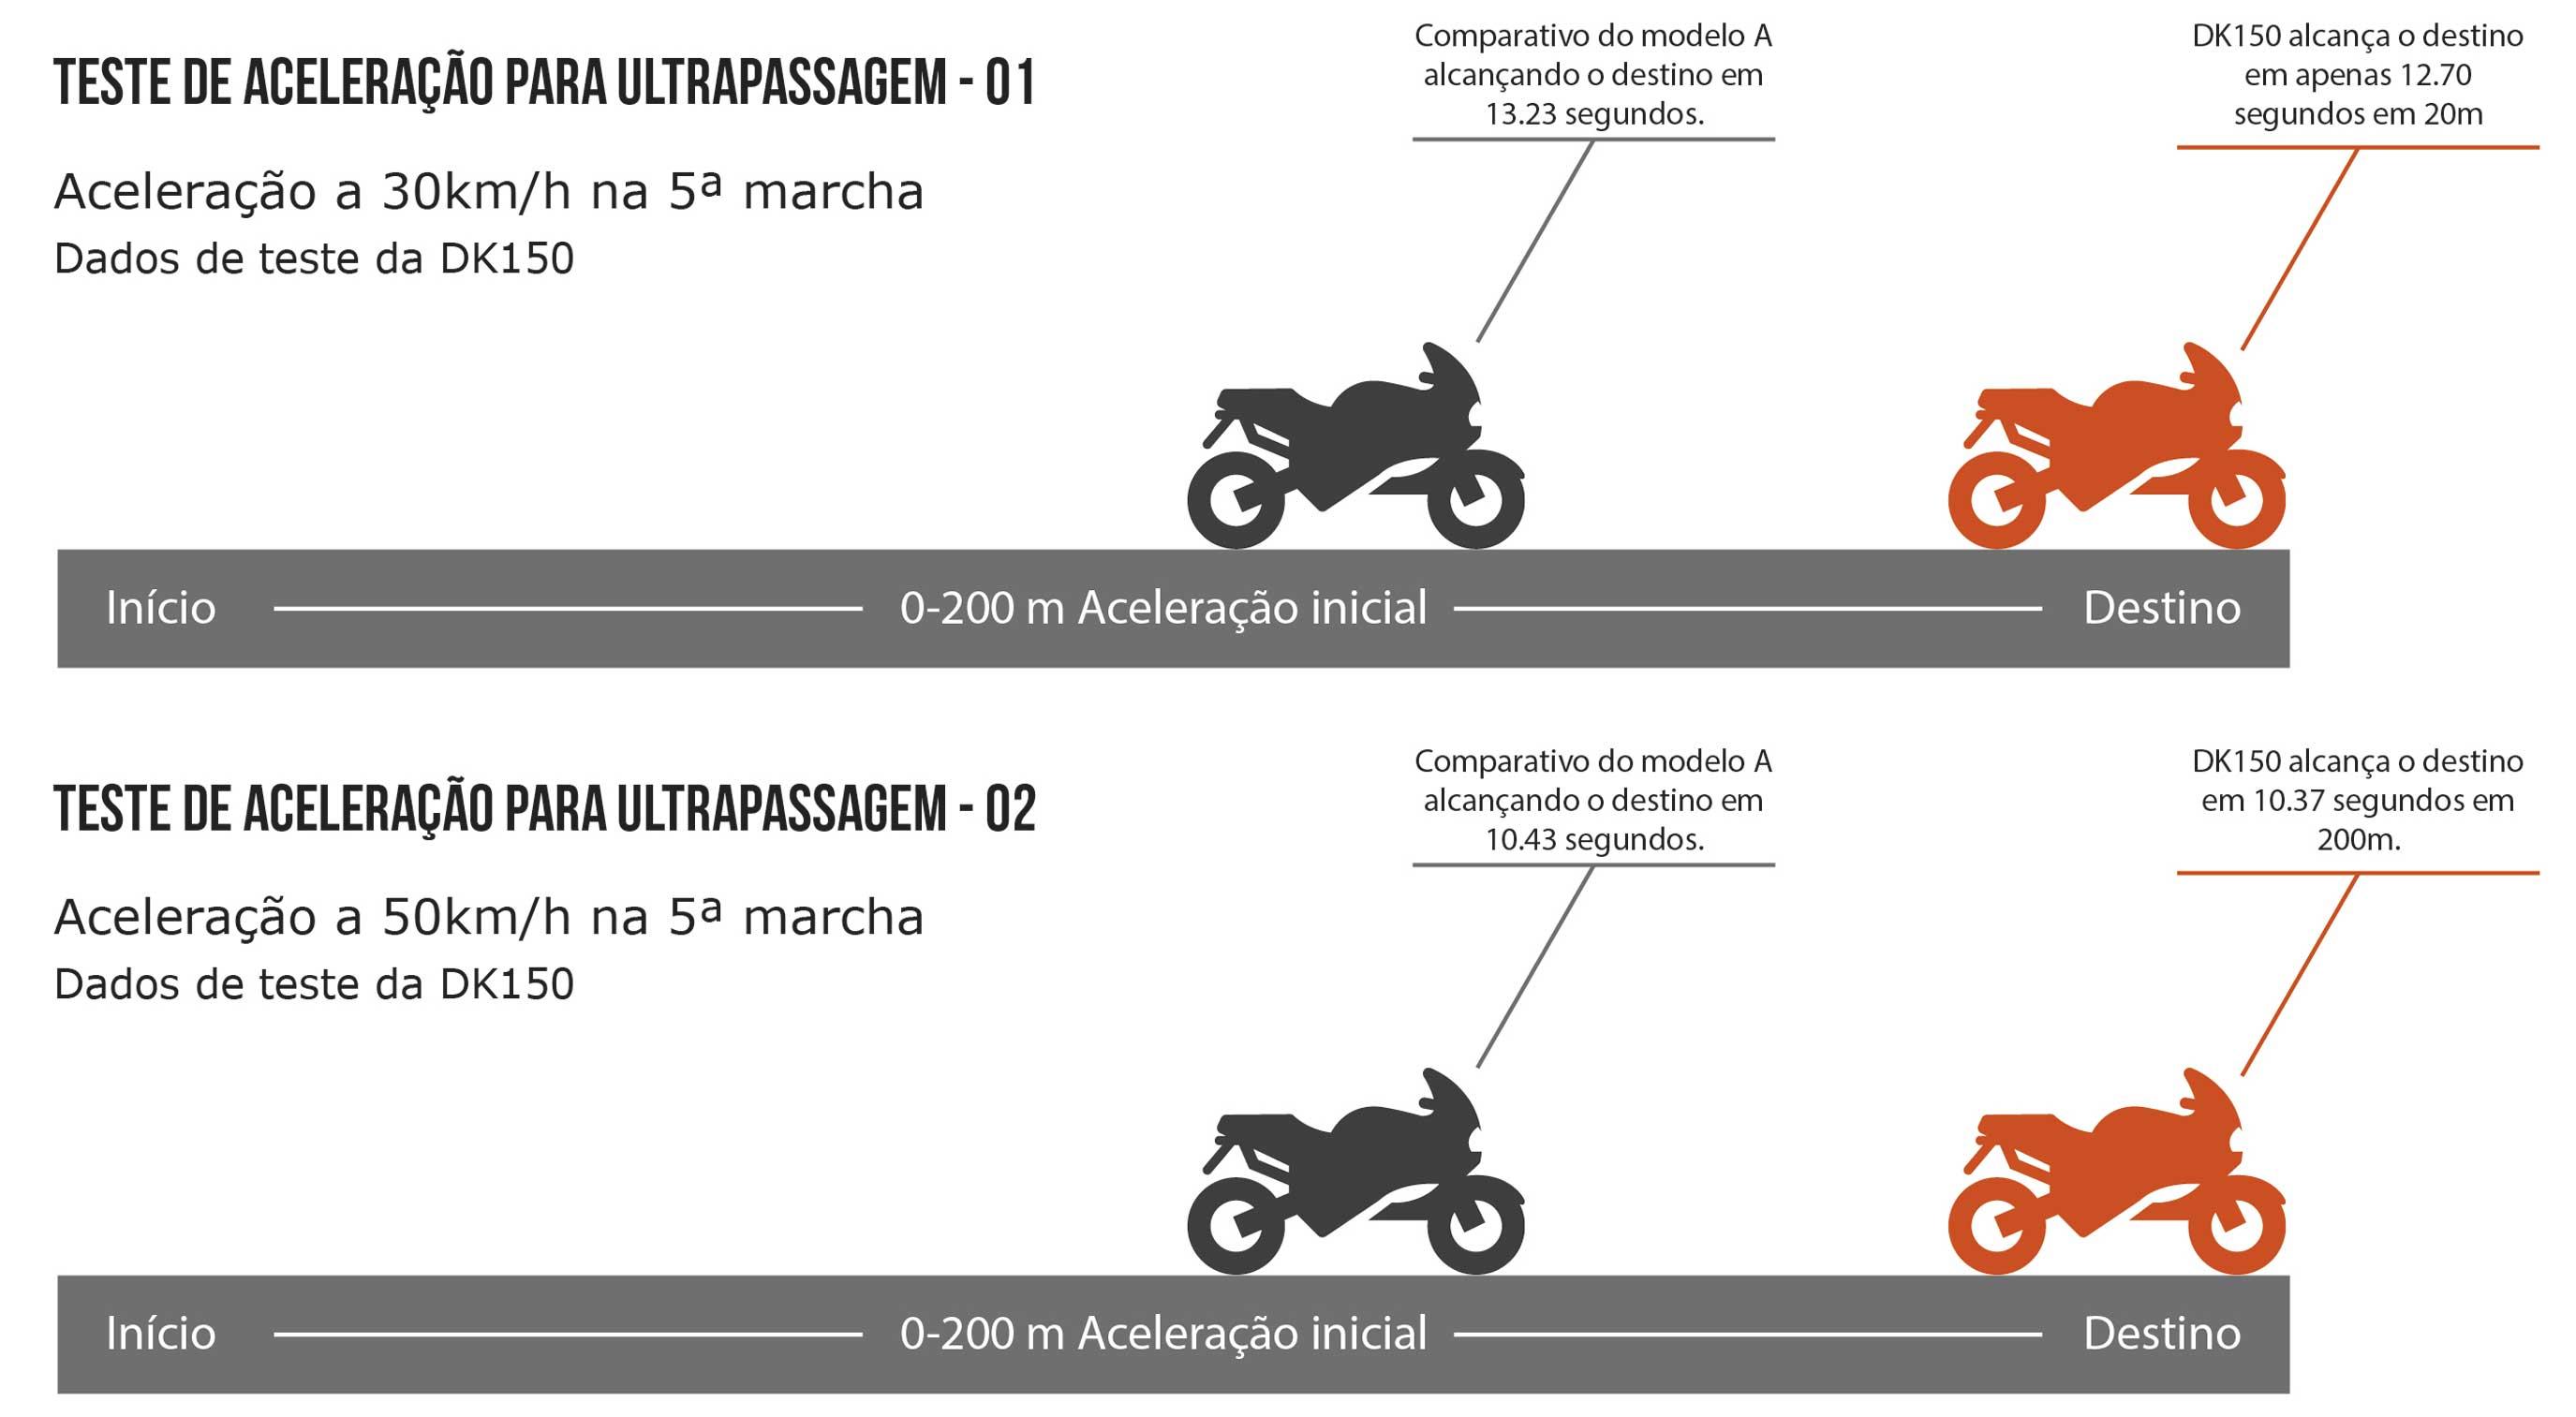 Moto DK 150 Aceleração